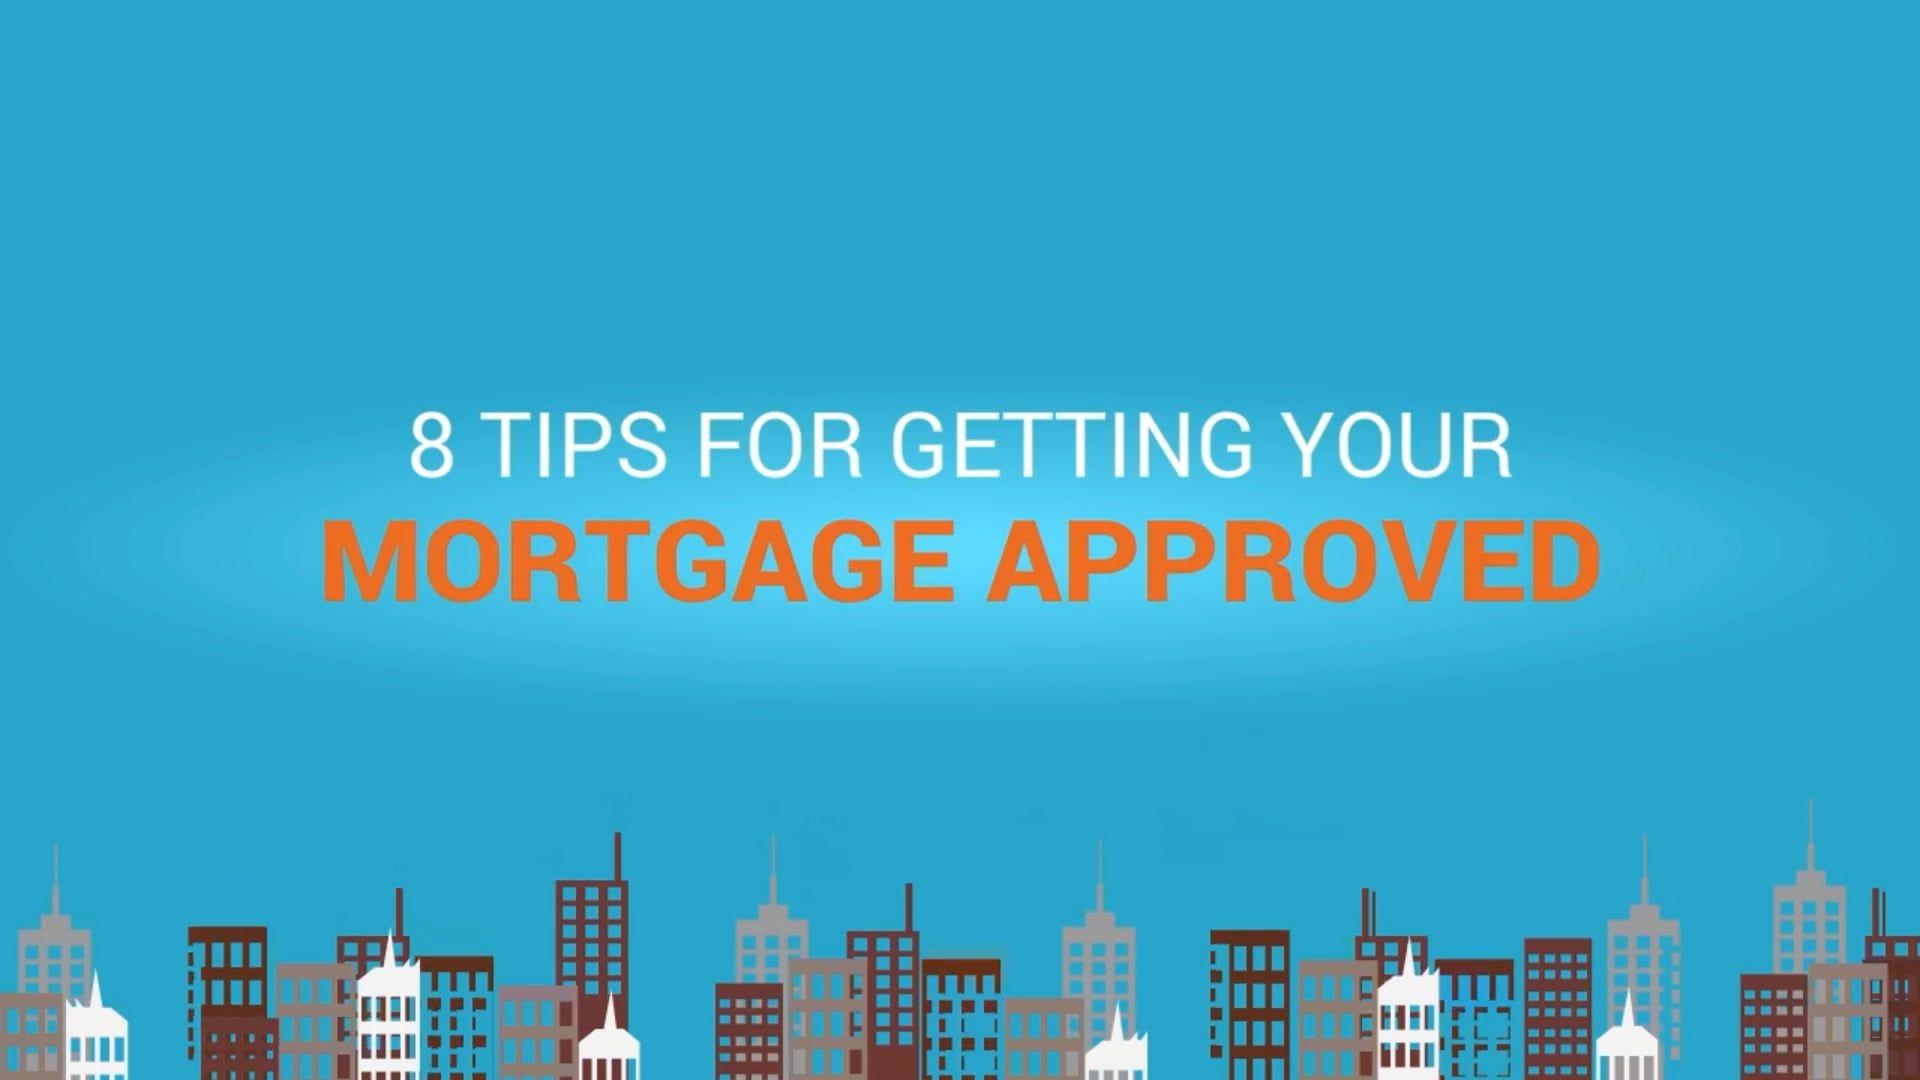 Best Home Loans in Kentucky Kentucky Living Fix your